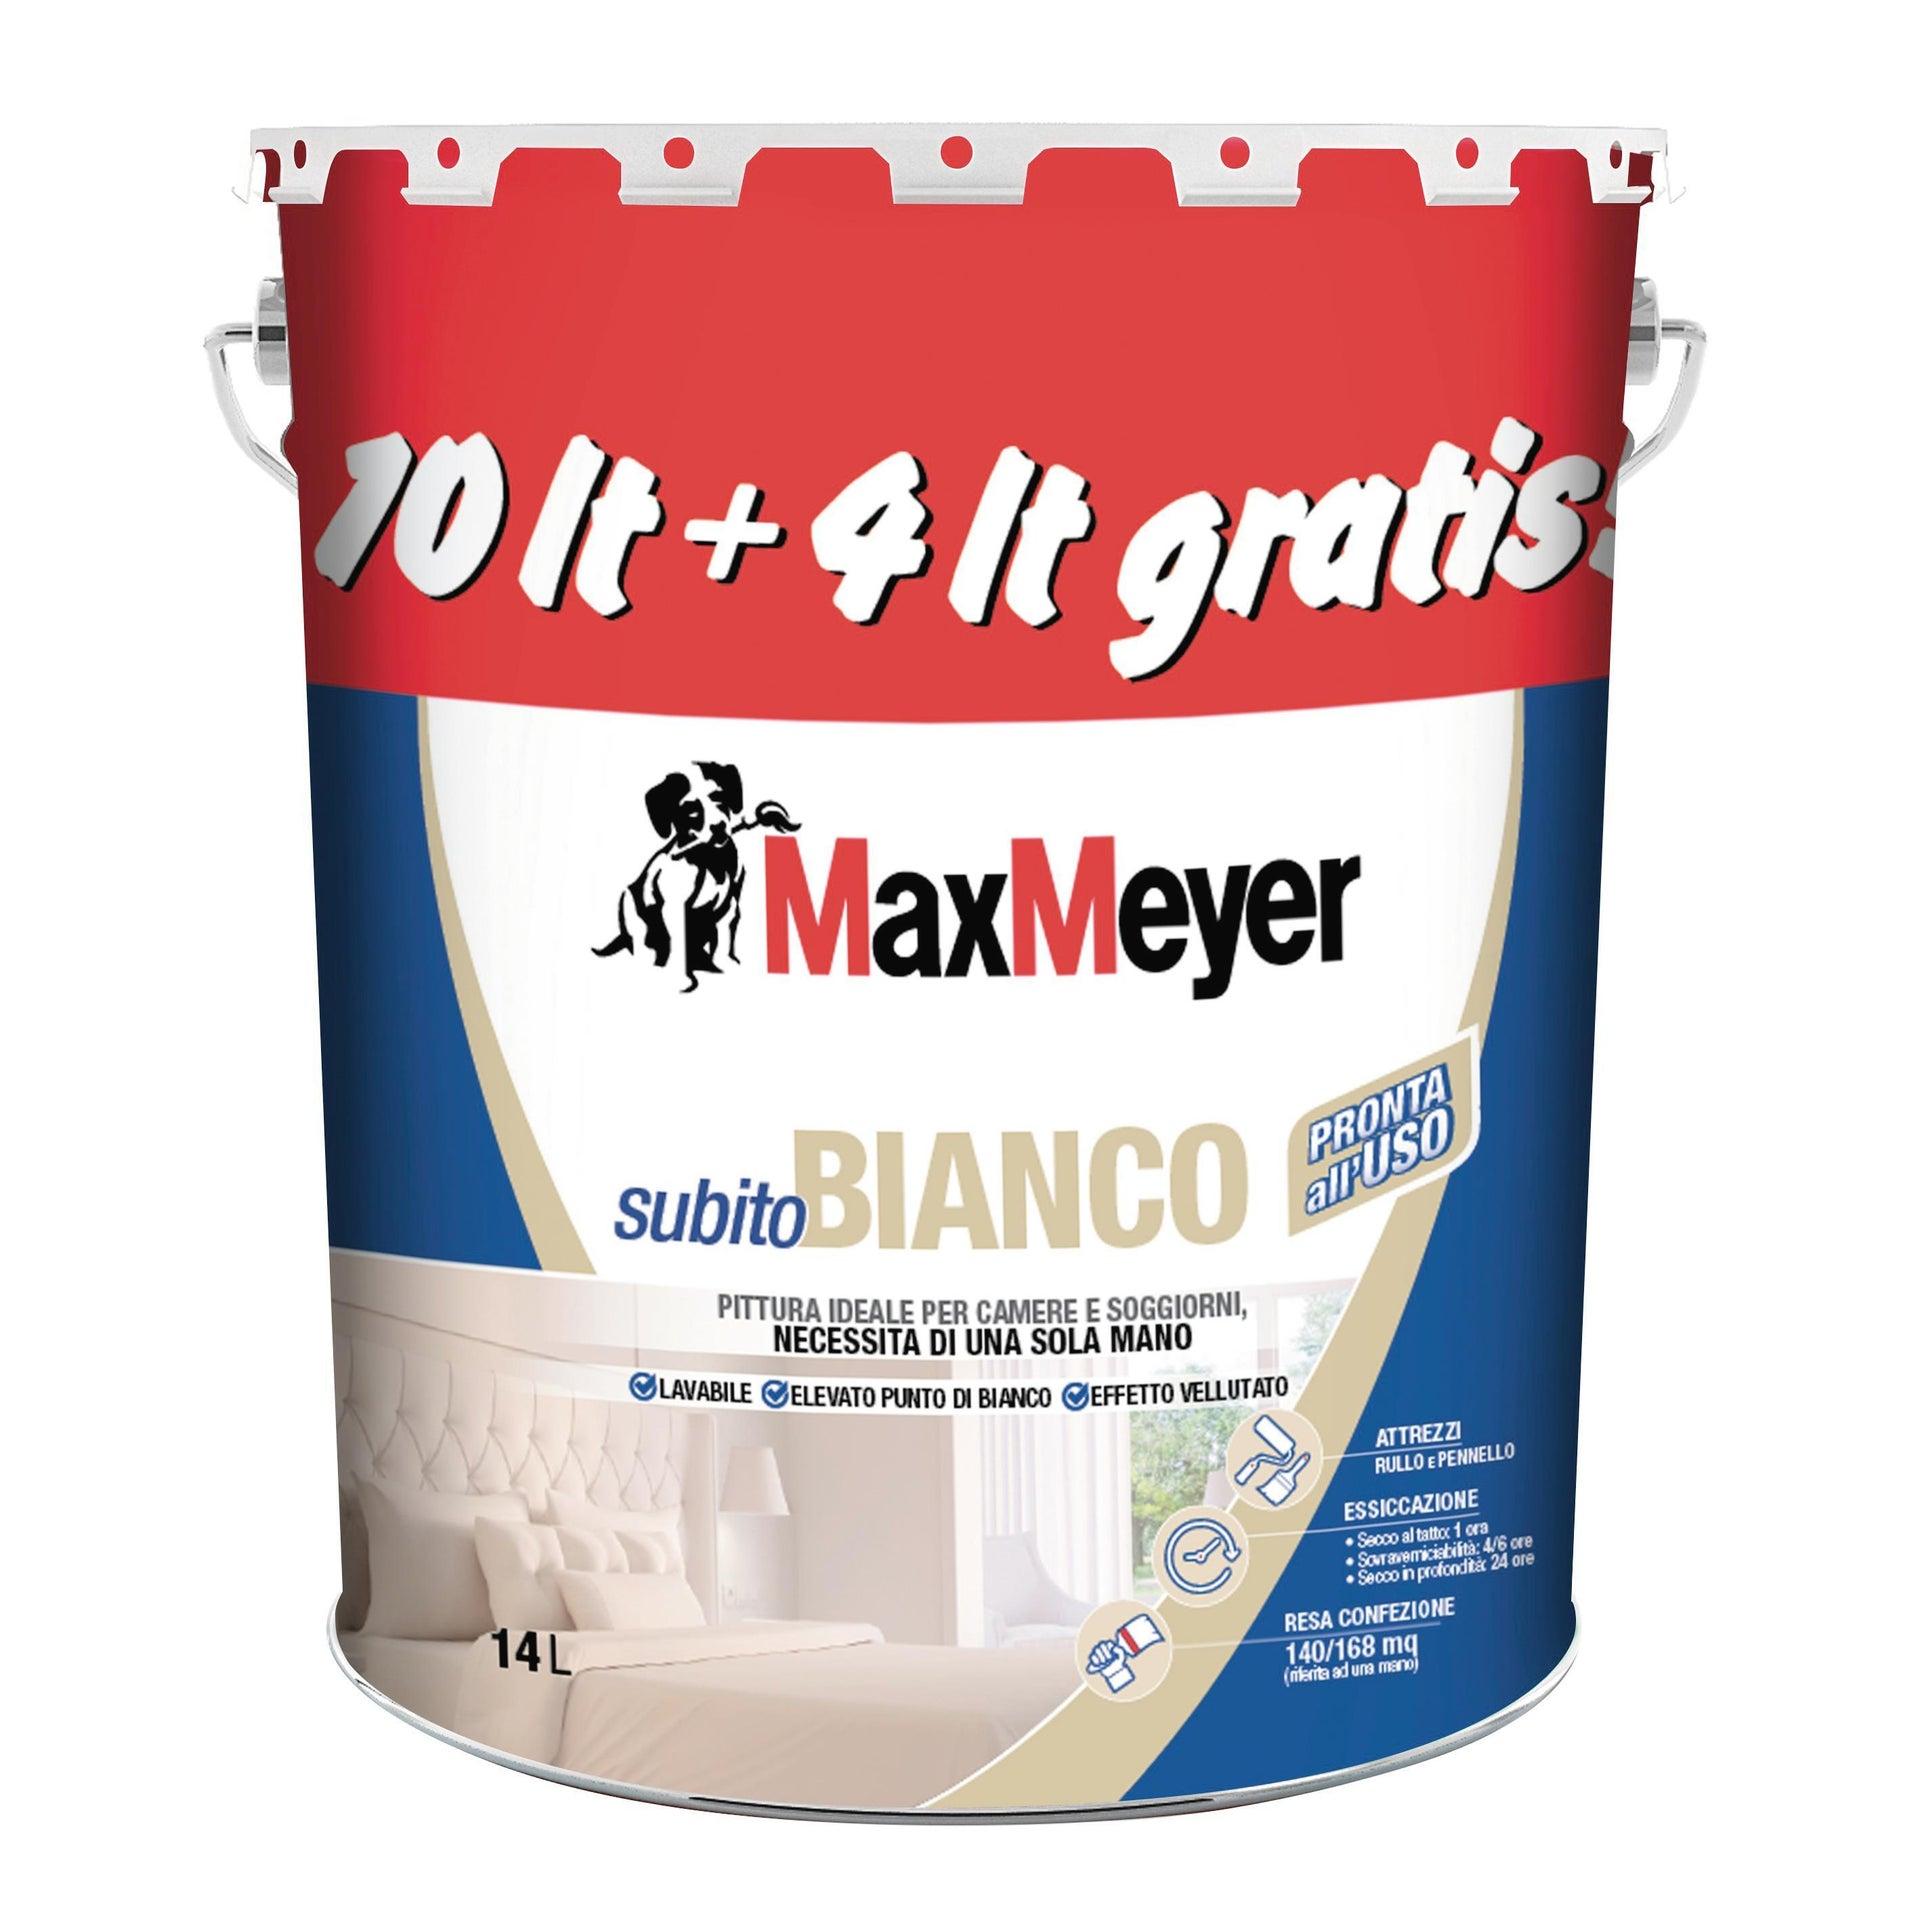 Pittura murale Lavabile MAX MEYER Subito Bianco bianco 14 L